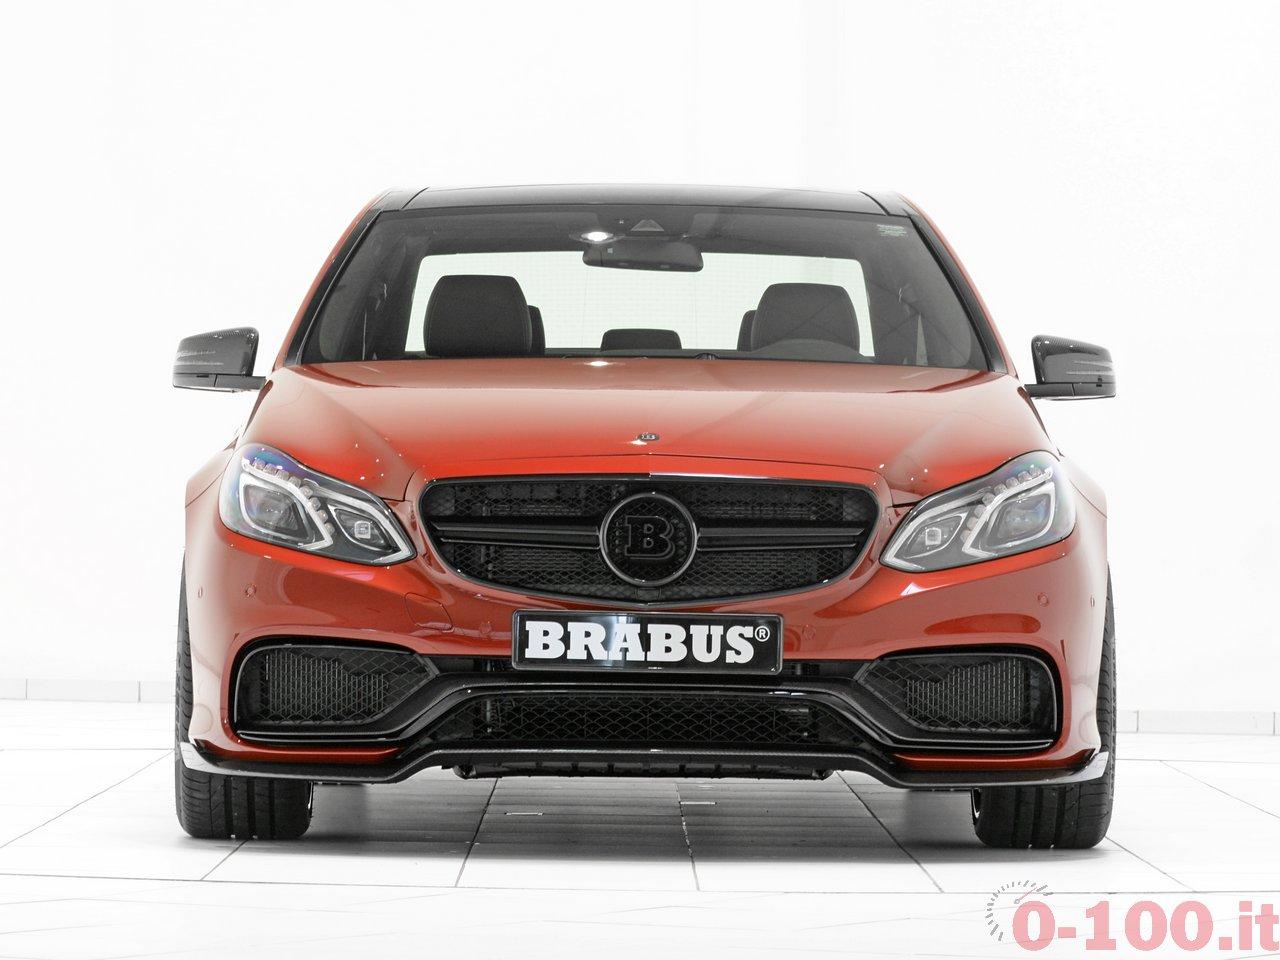 brabus-850-60-biturbo-mercedes-e63-amg_0-100_5